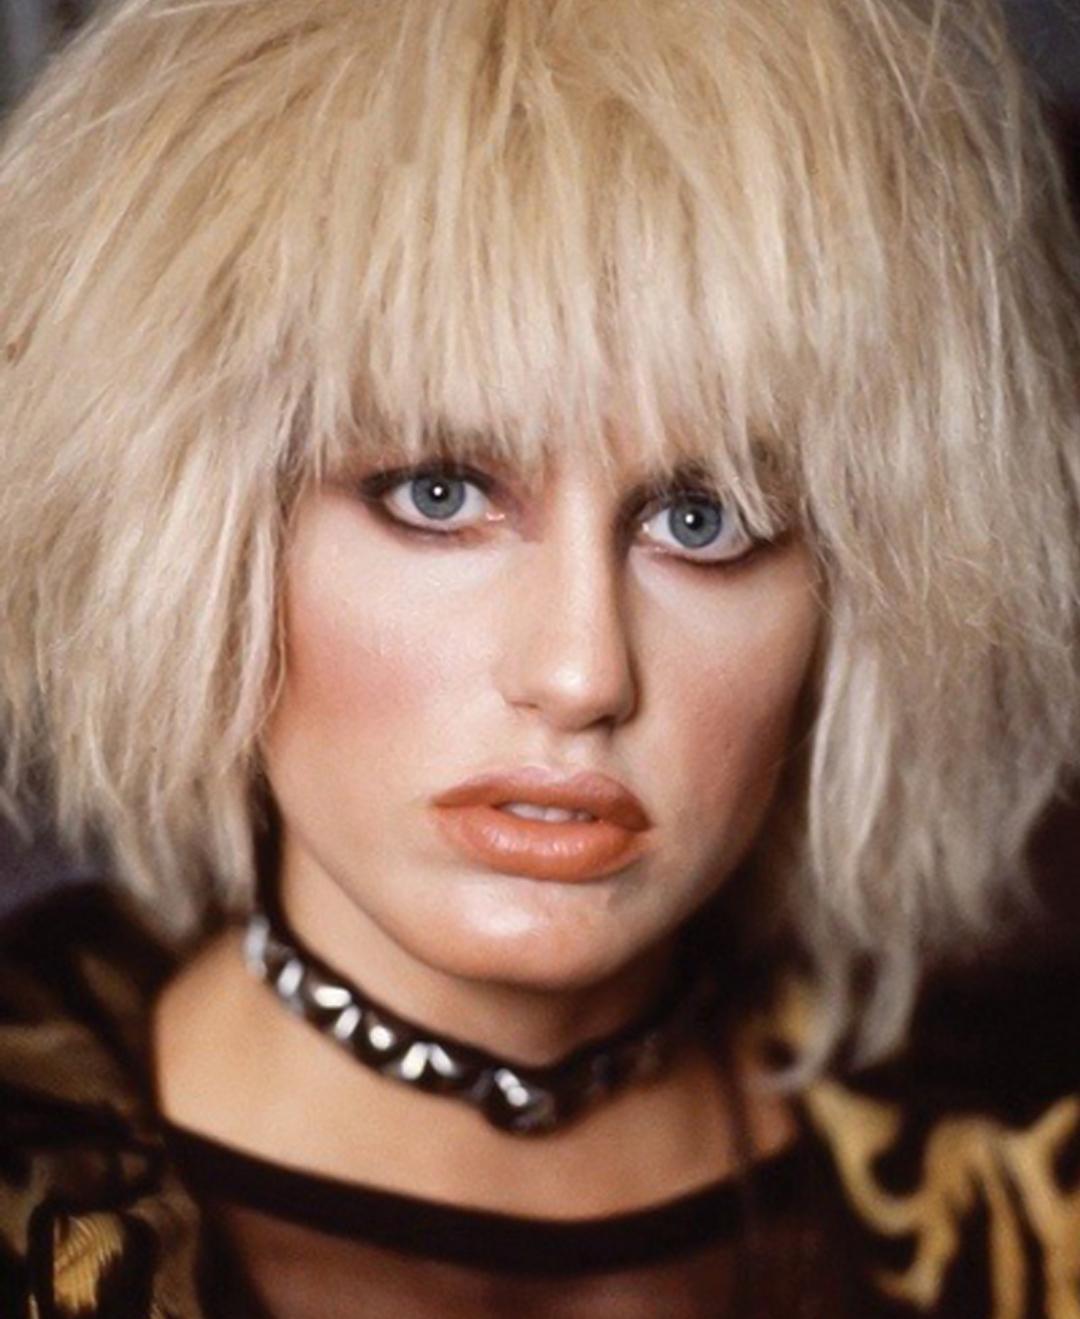 daryl hannah as pris in blade runner 1982